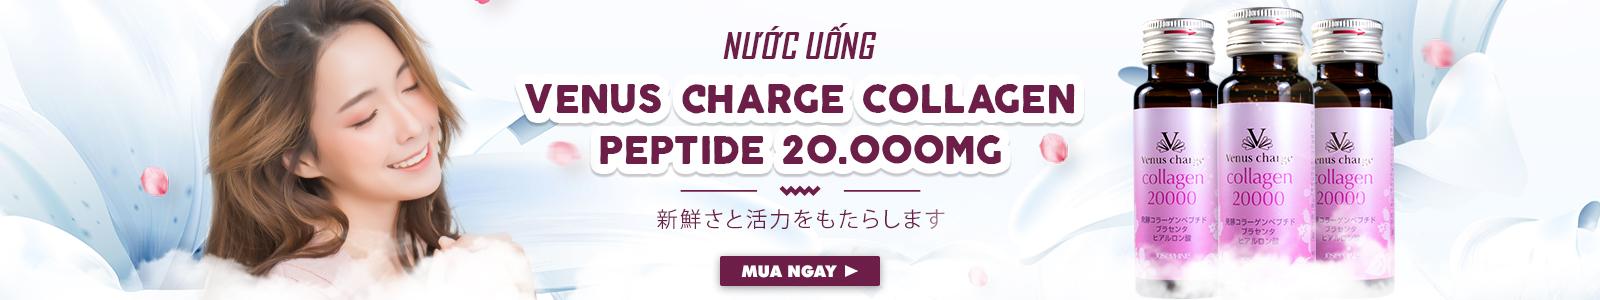 Combo 3 hộp Nước uống Venus Charge Collagen Peptide 20000mg Nhật Bản